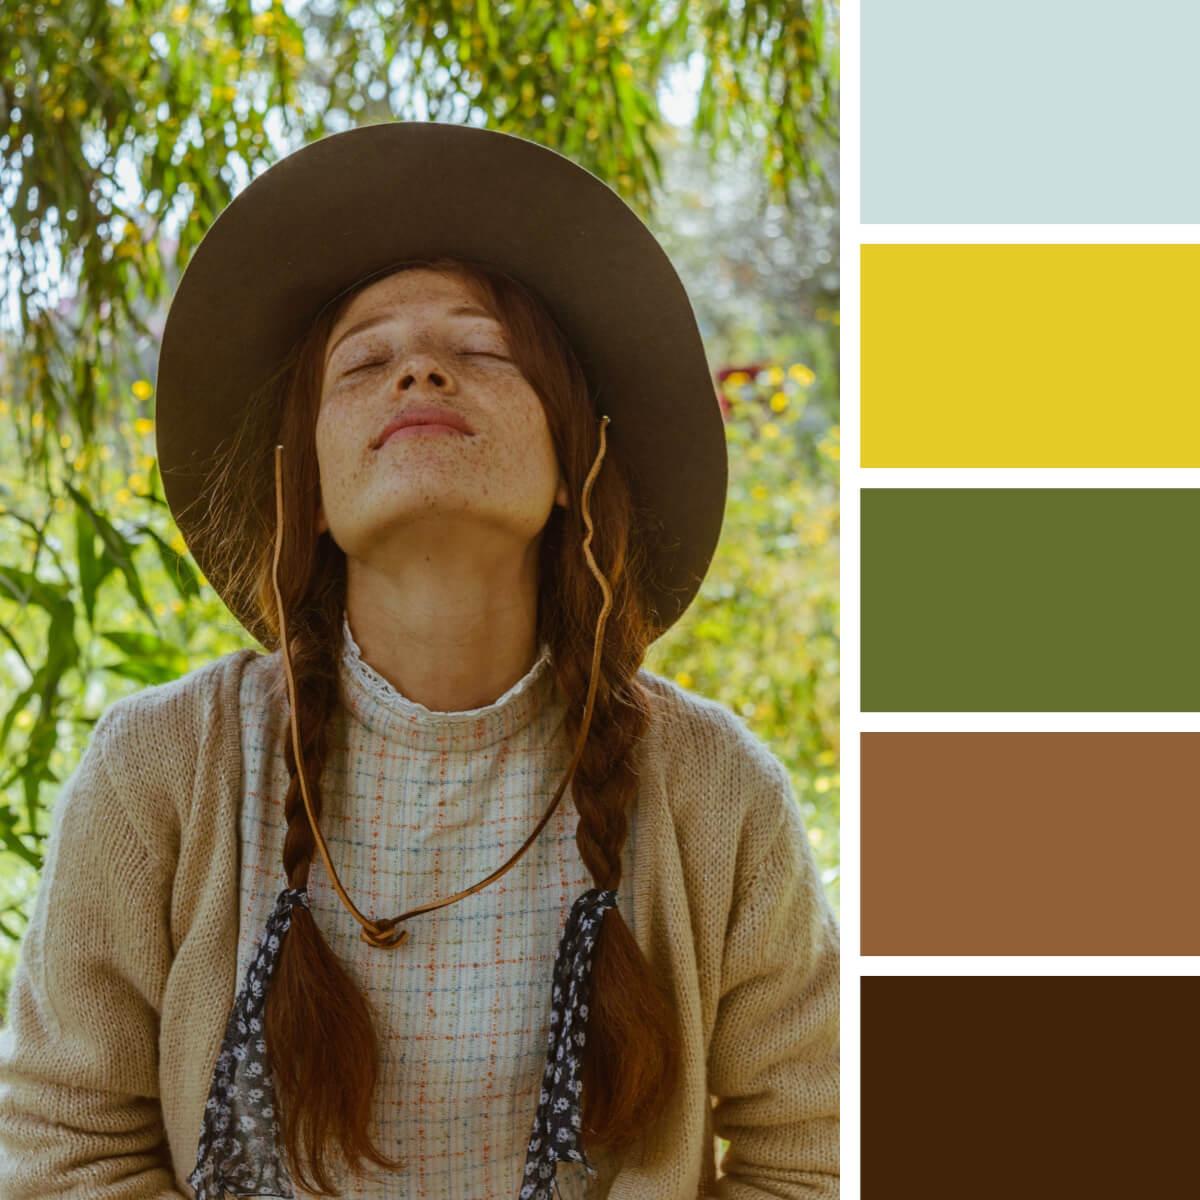 Rustic Greens & Brown